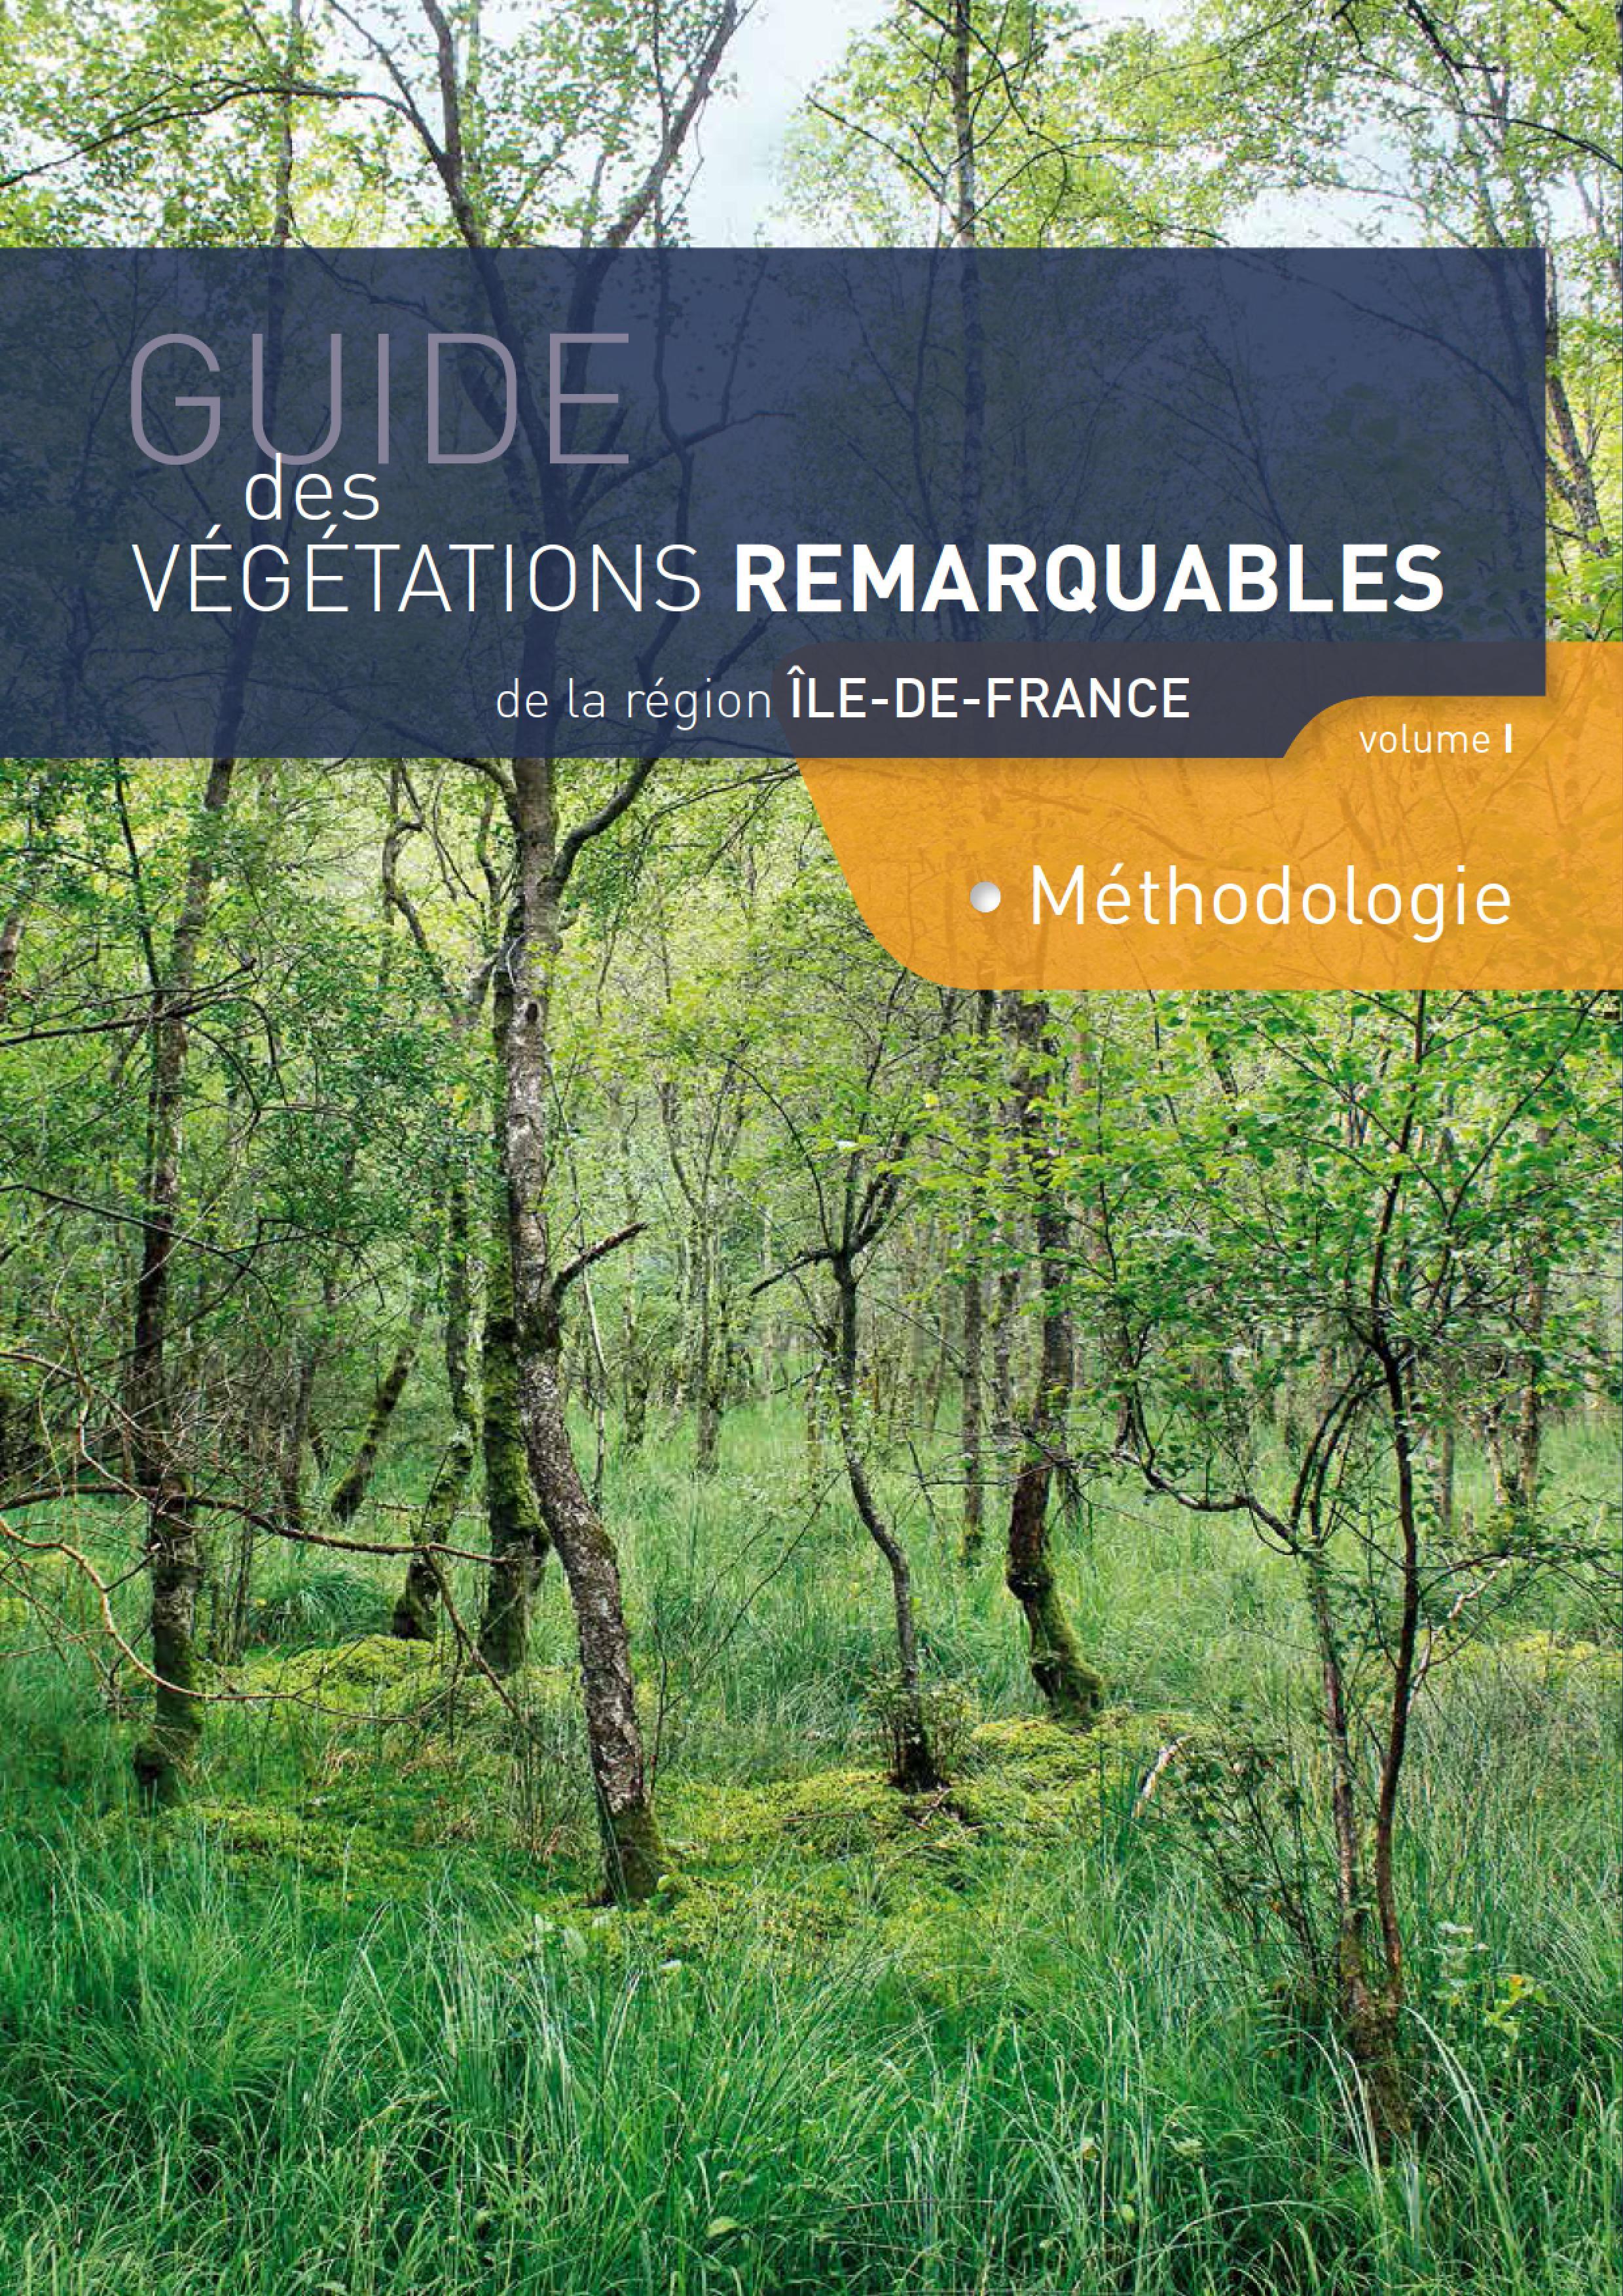 Guide des végétations remarquables de la région Île-de-France